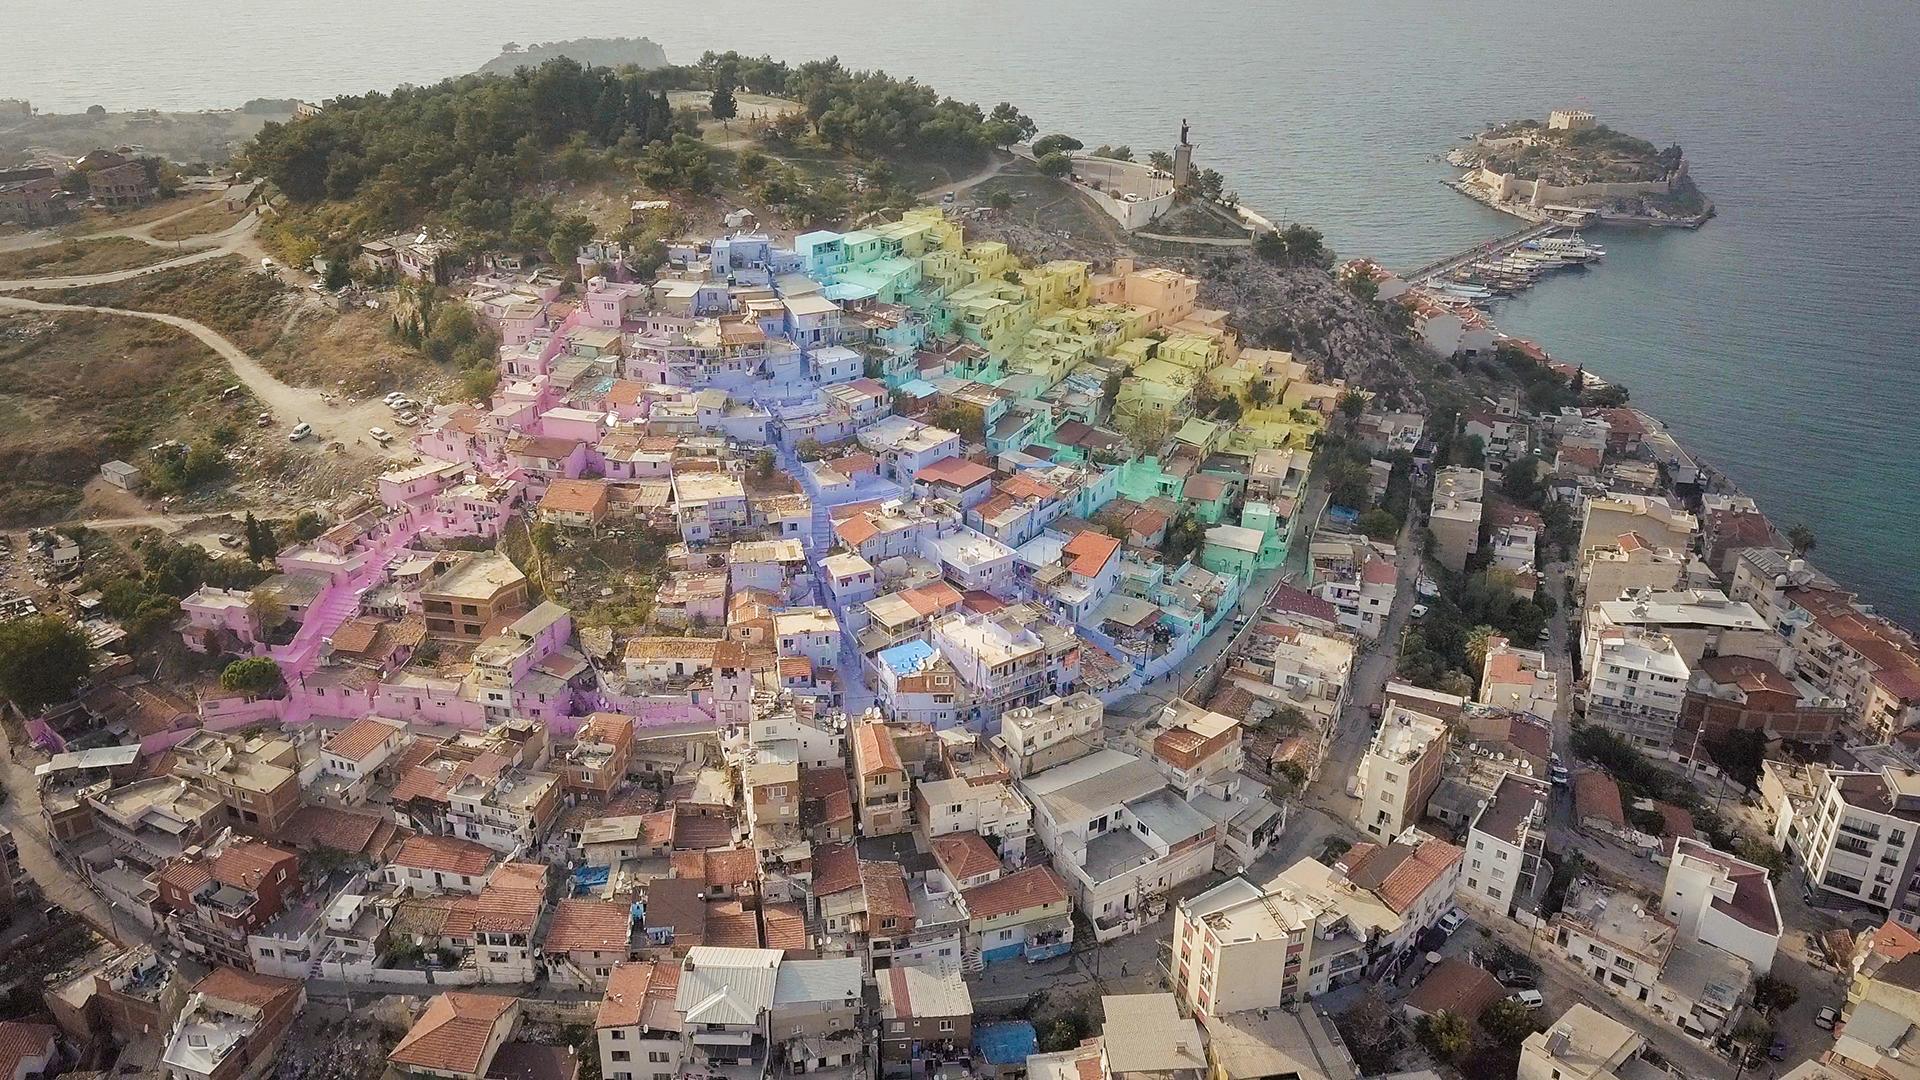 Una ciudad en Turquía cambió por completo gracias al color: video